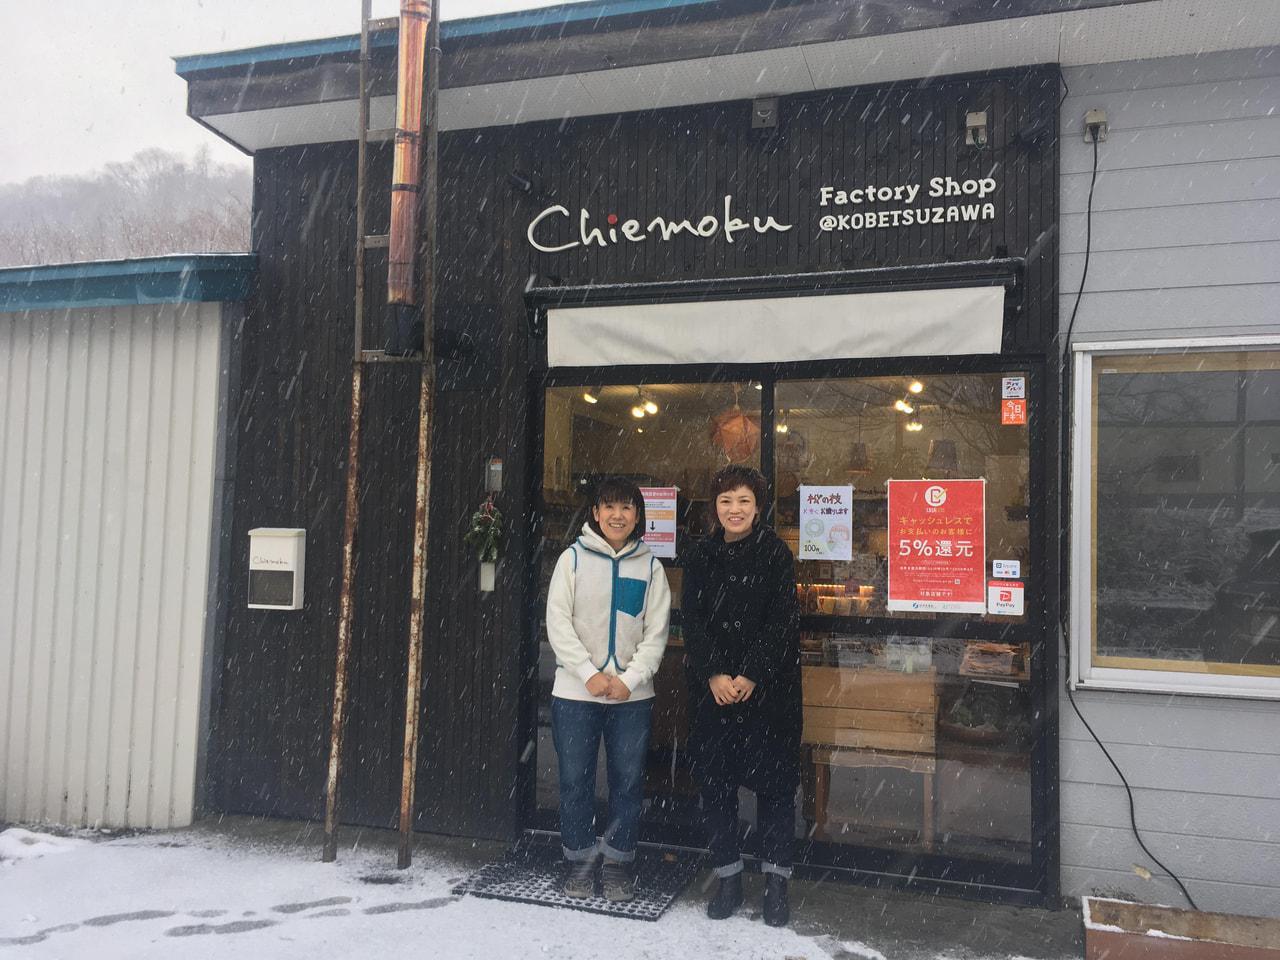 Chiemoku ファクトリーショップ 小別沢 に行ってきました!